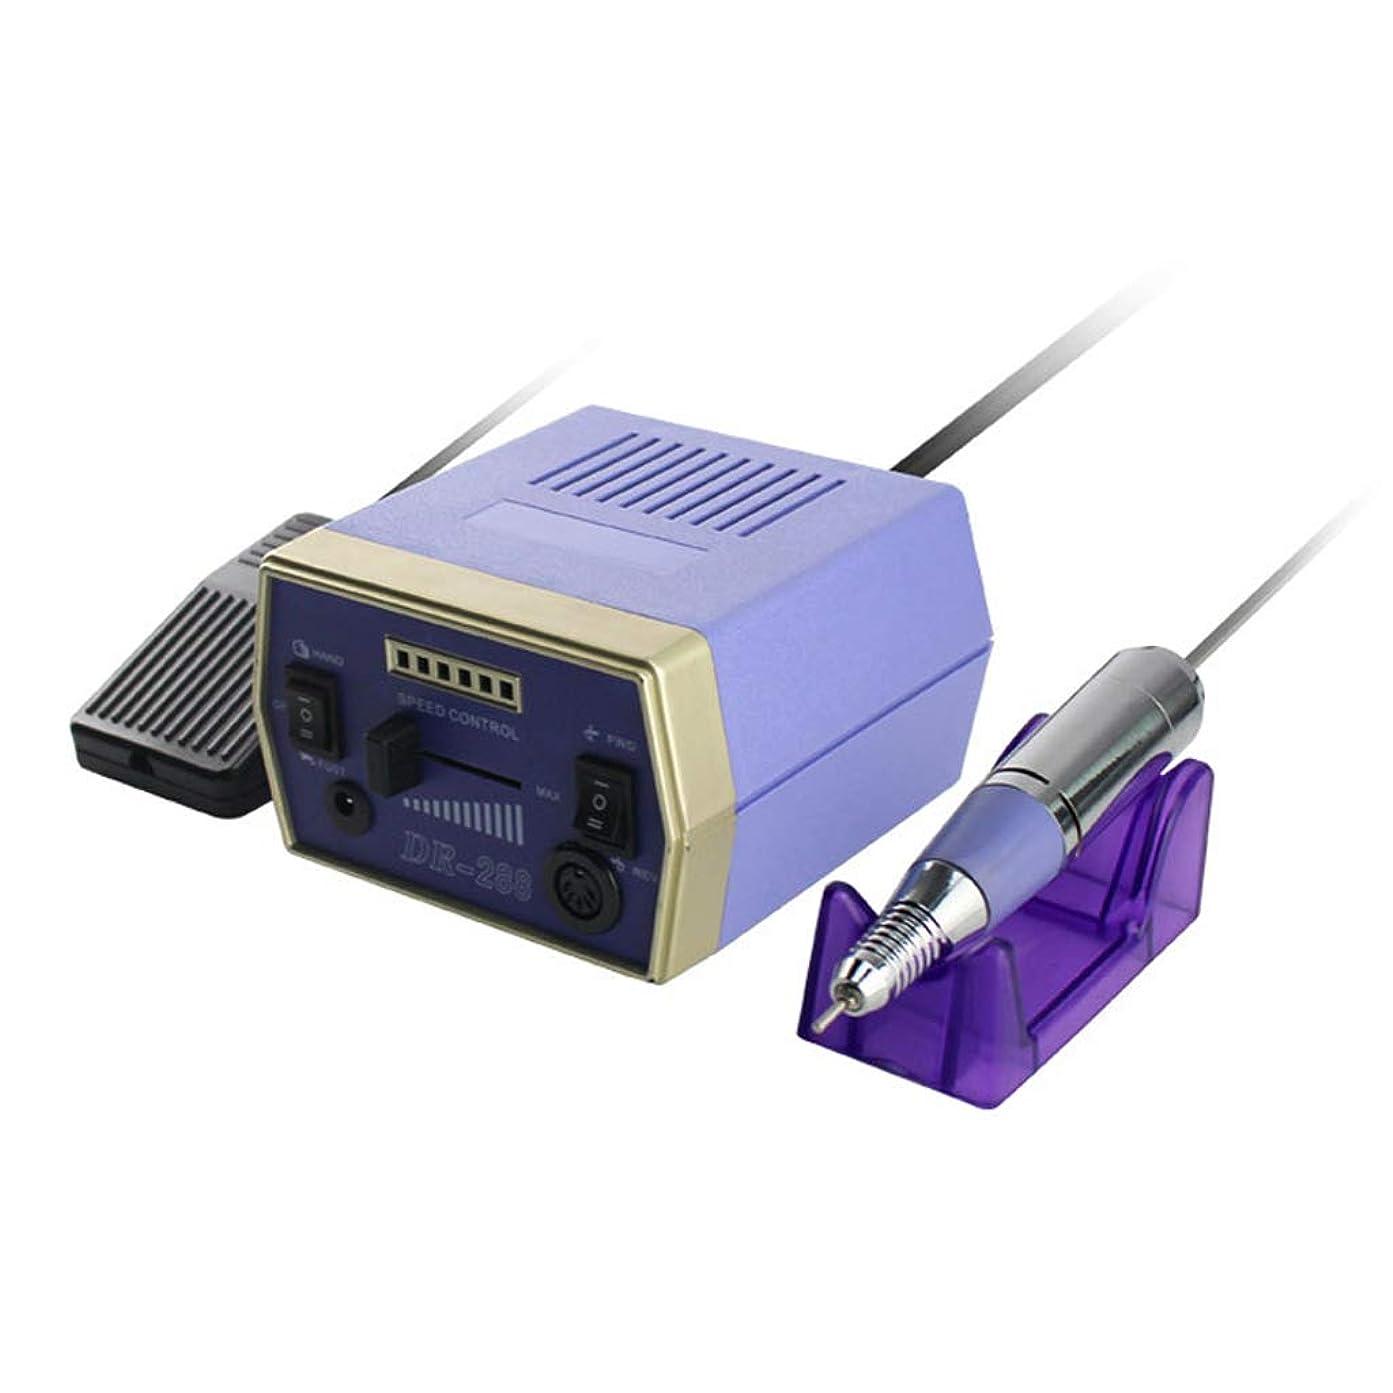 送信する旅酔っ払い爪電動グラインダー3万ターンマニキュアペディキュア低熱低ノイズ振動研磨ツール